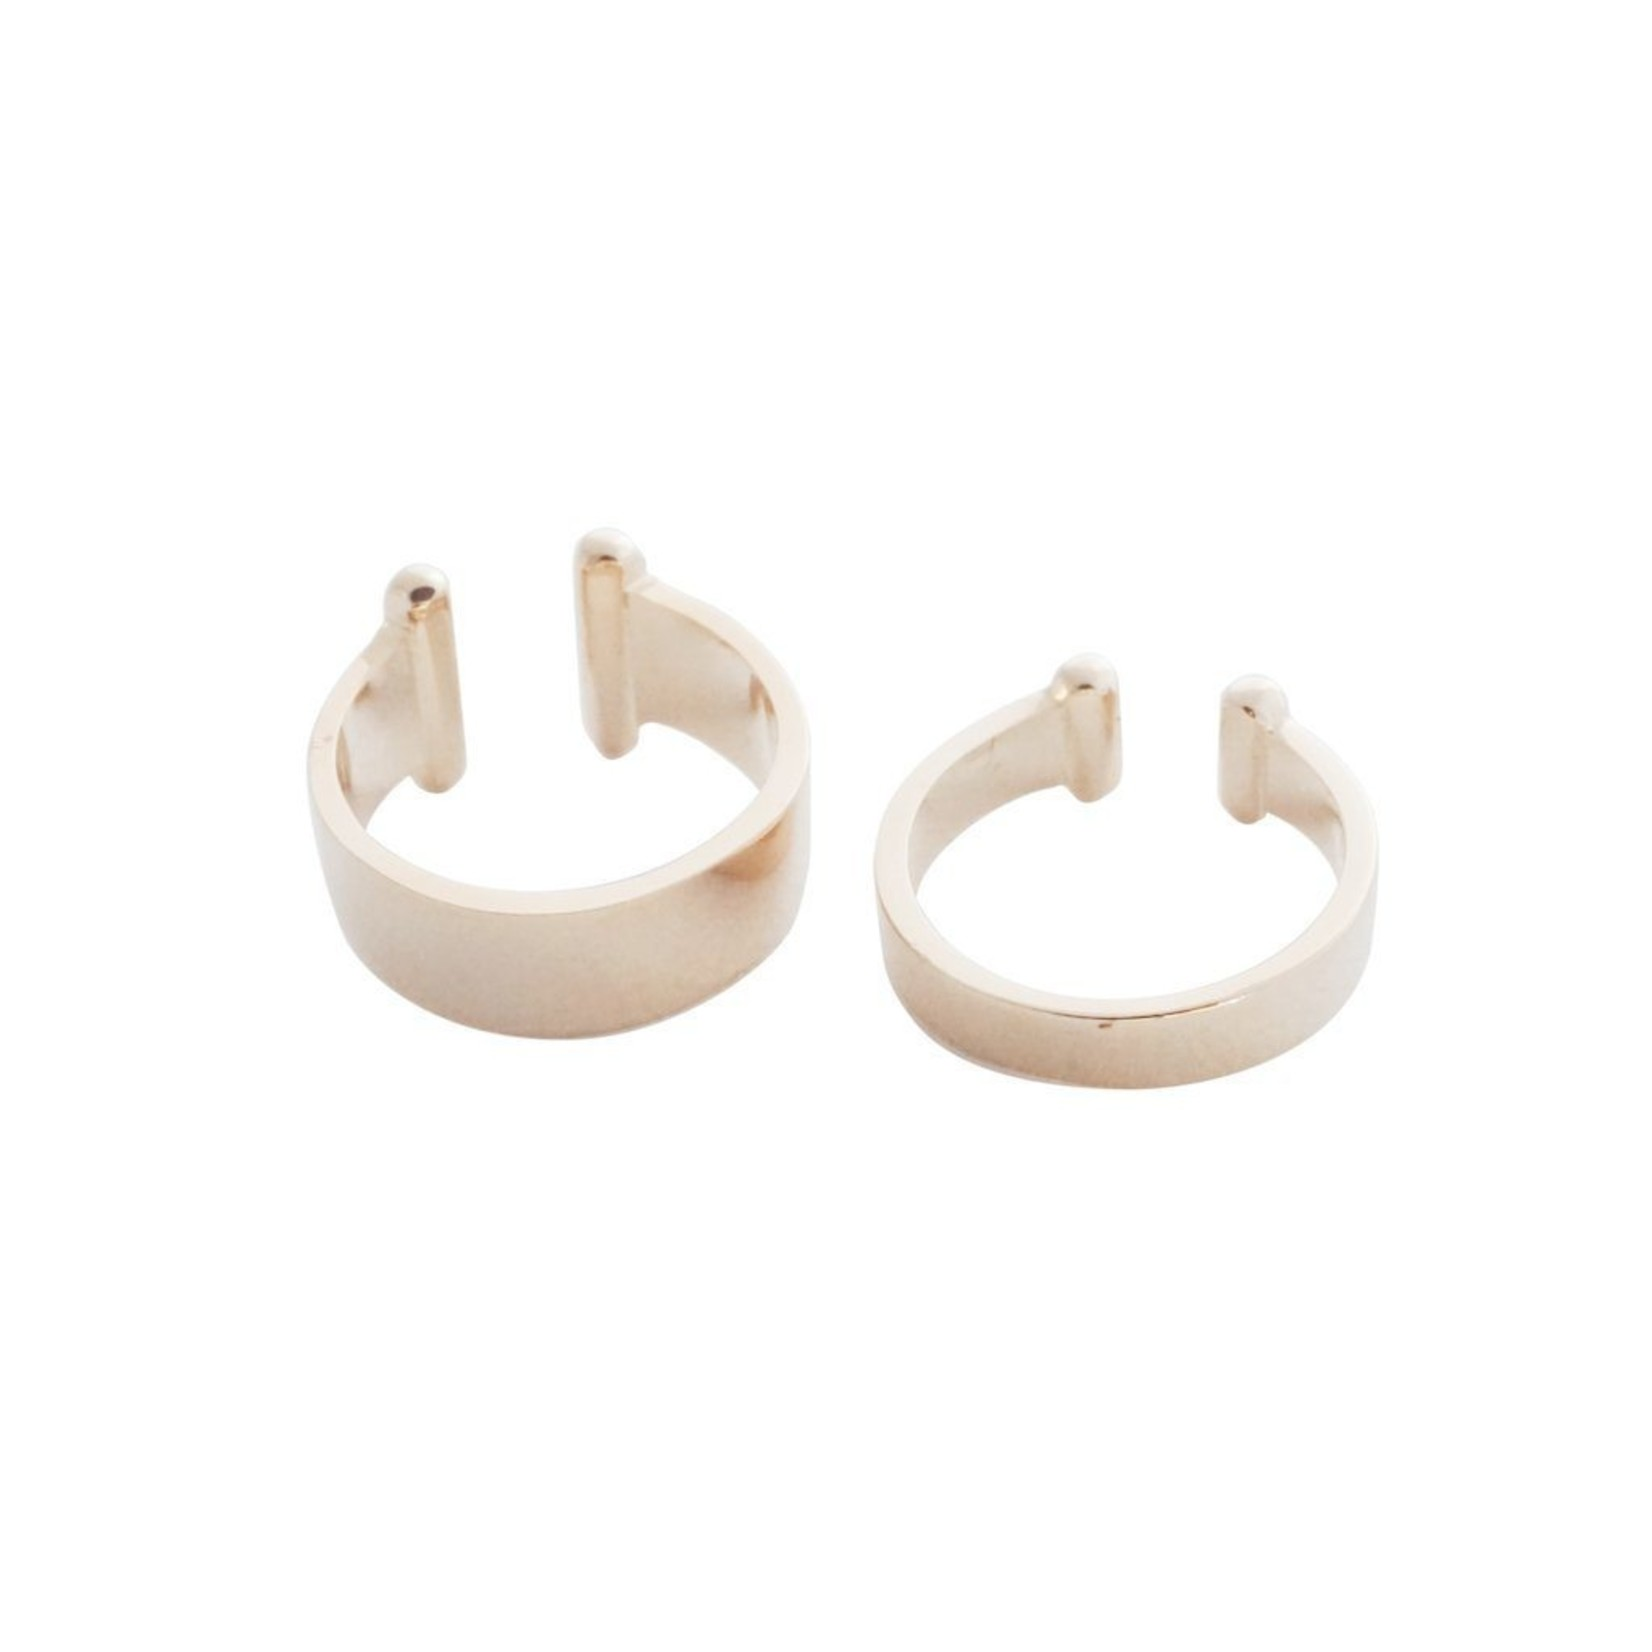 Honeycat Jewelry Bestie Ear Cuffs Earrings by Honeycat Jewelry